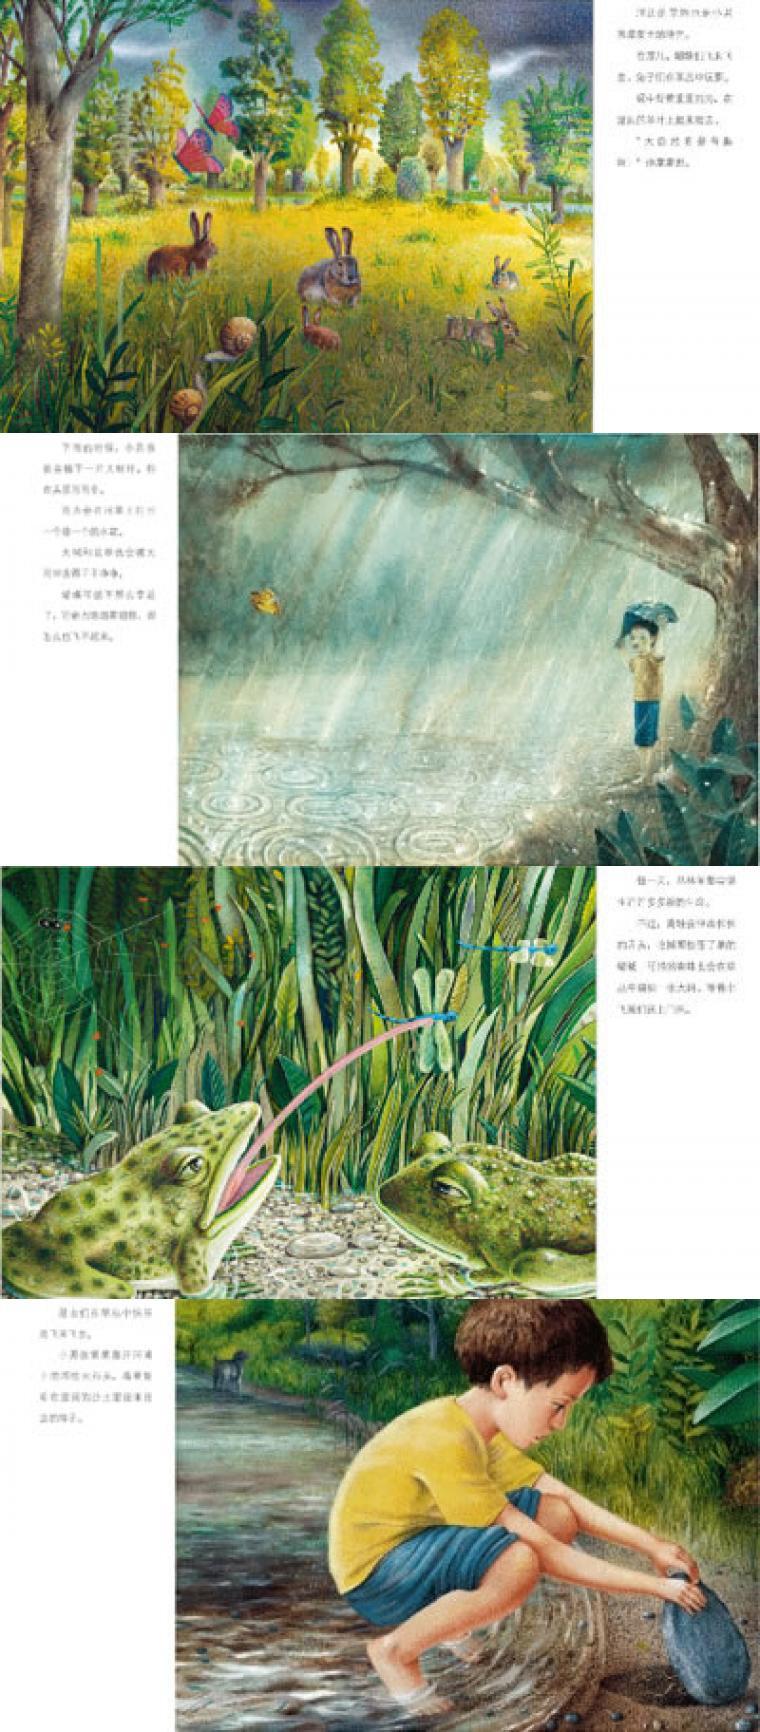 绘本花园:小达尔文的故事(平)